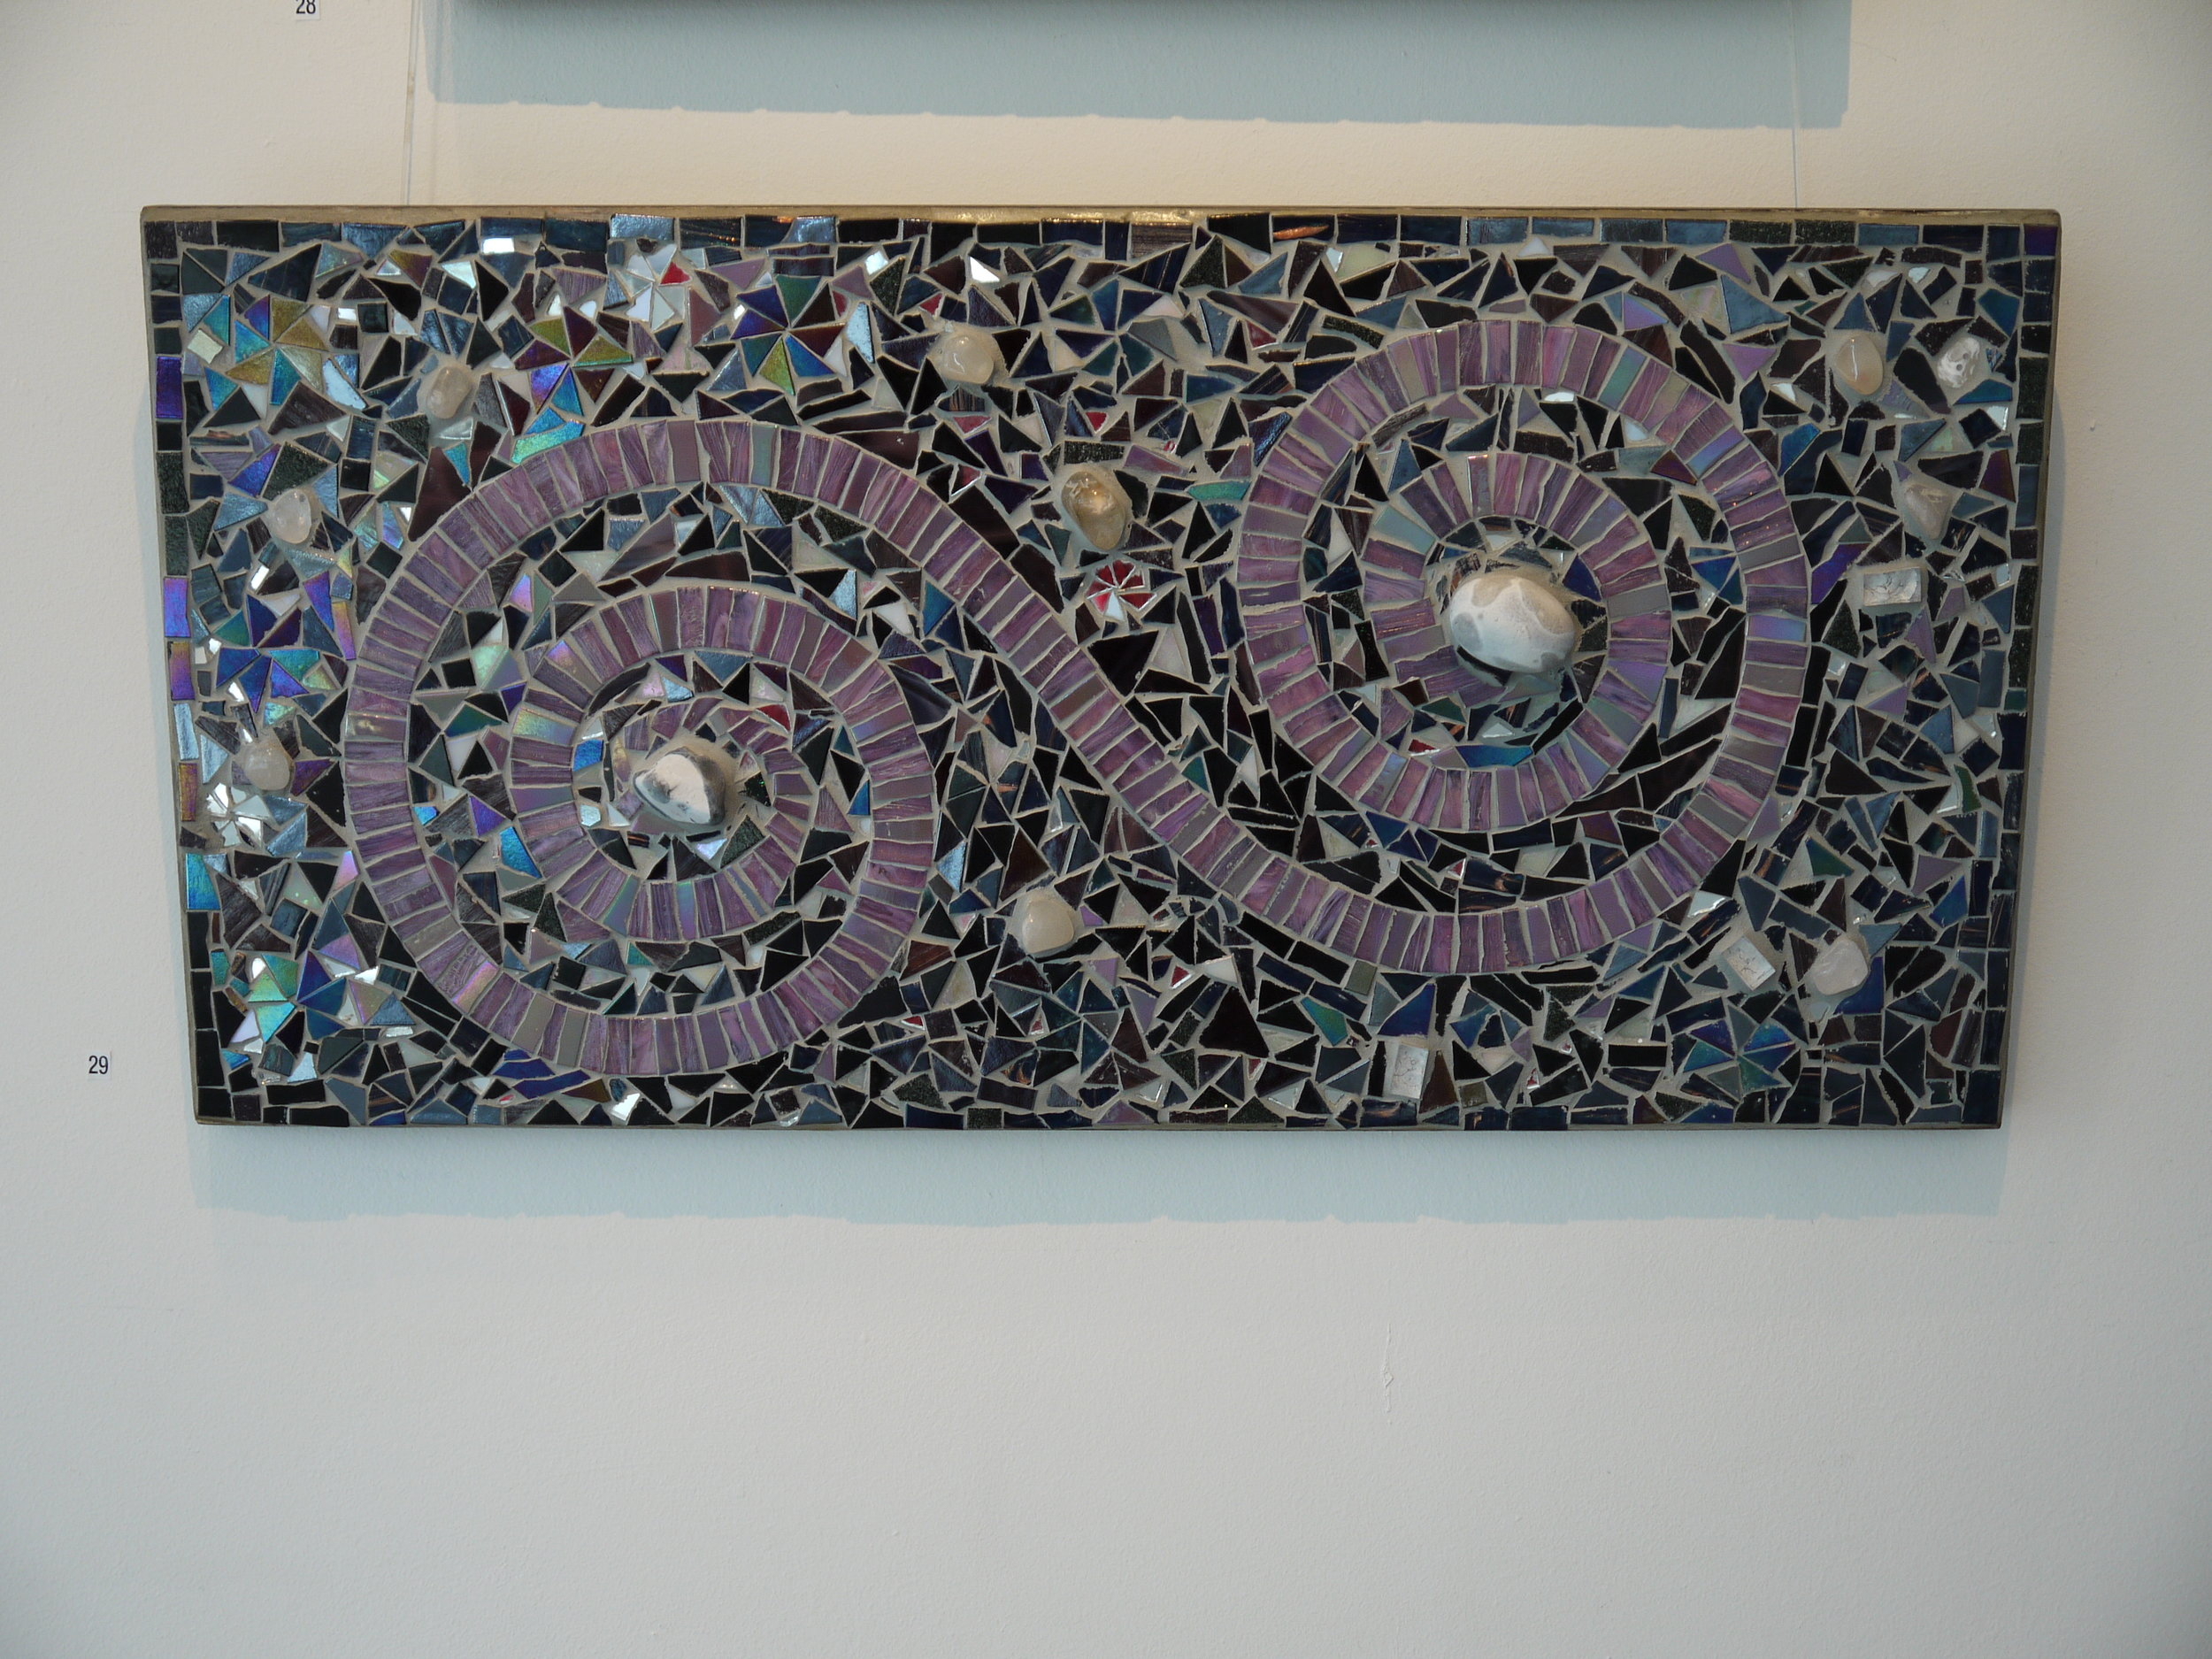 'Clothoid spiral' mosaic